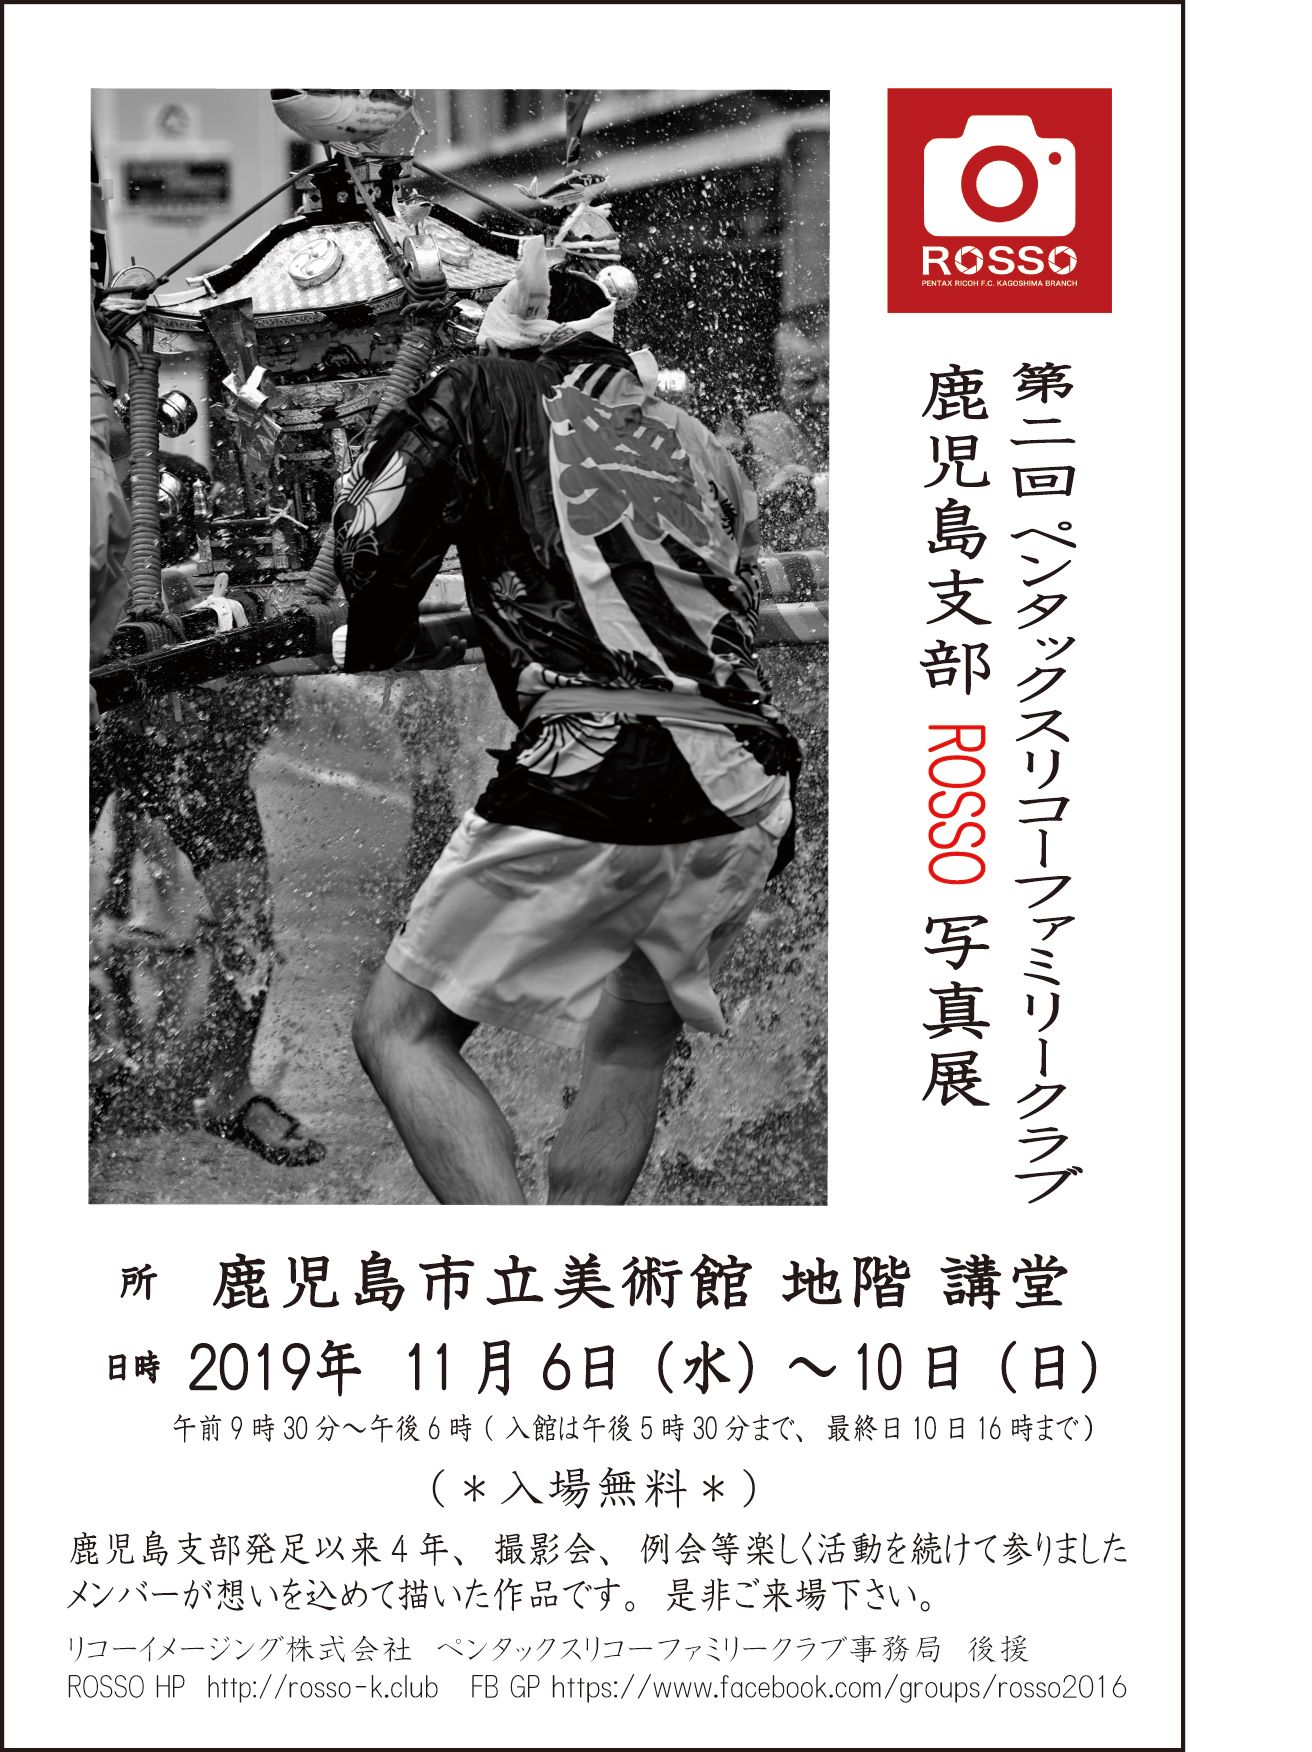 第二回ペンタックスリコーファミリークラブ鹿児島支部ROSSO写真展